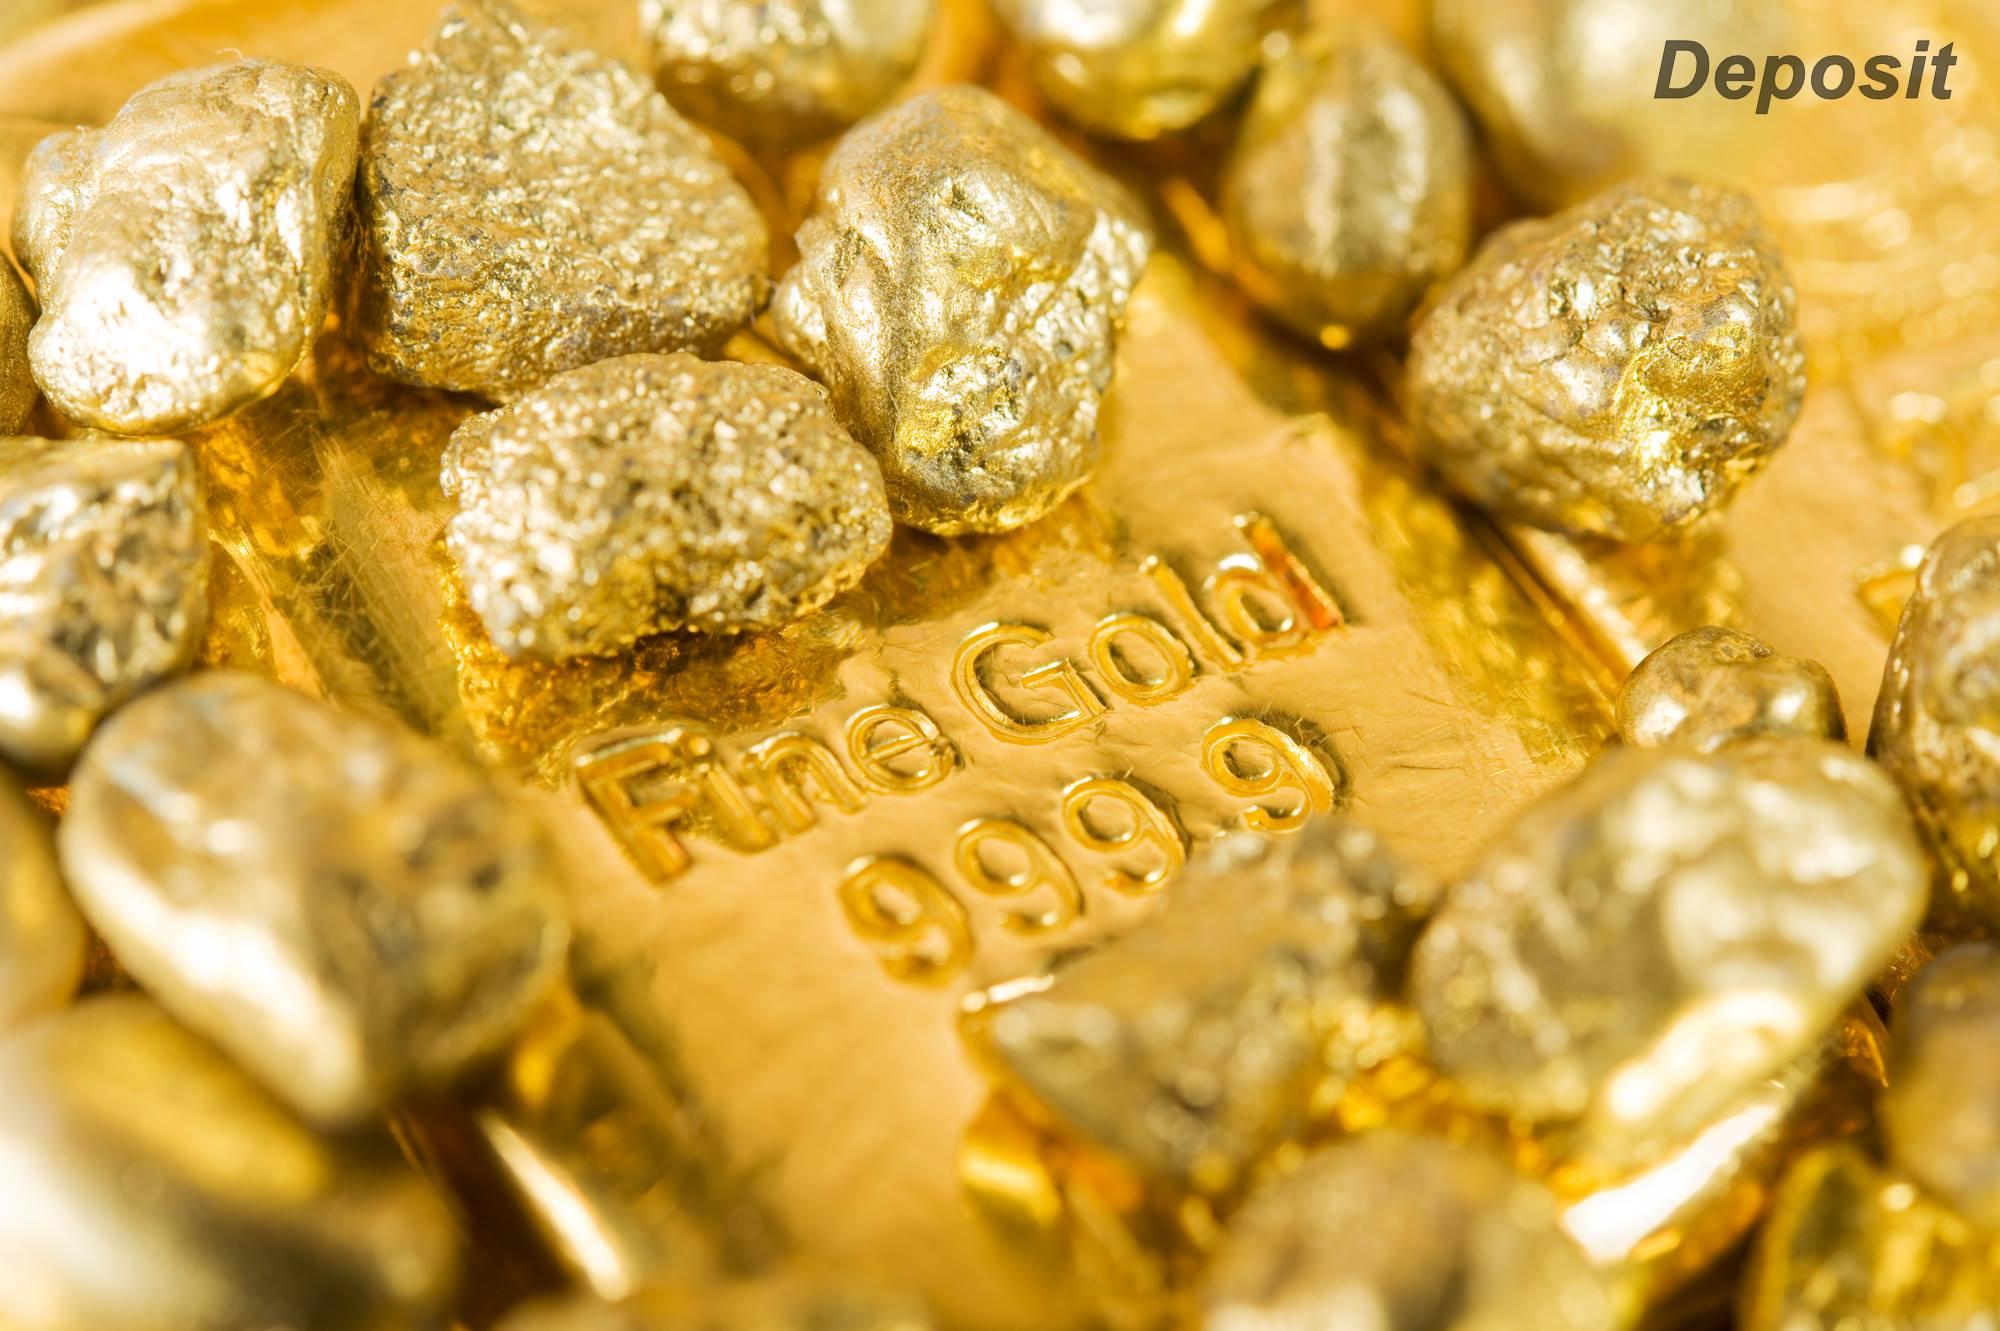 """גושי זהב ומטיל זהב. התמונה ממאגר """"דפוזיט"""" From """"Deposit"""" Photos"""